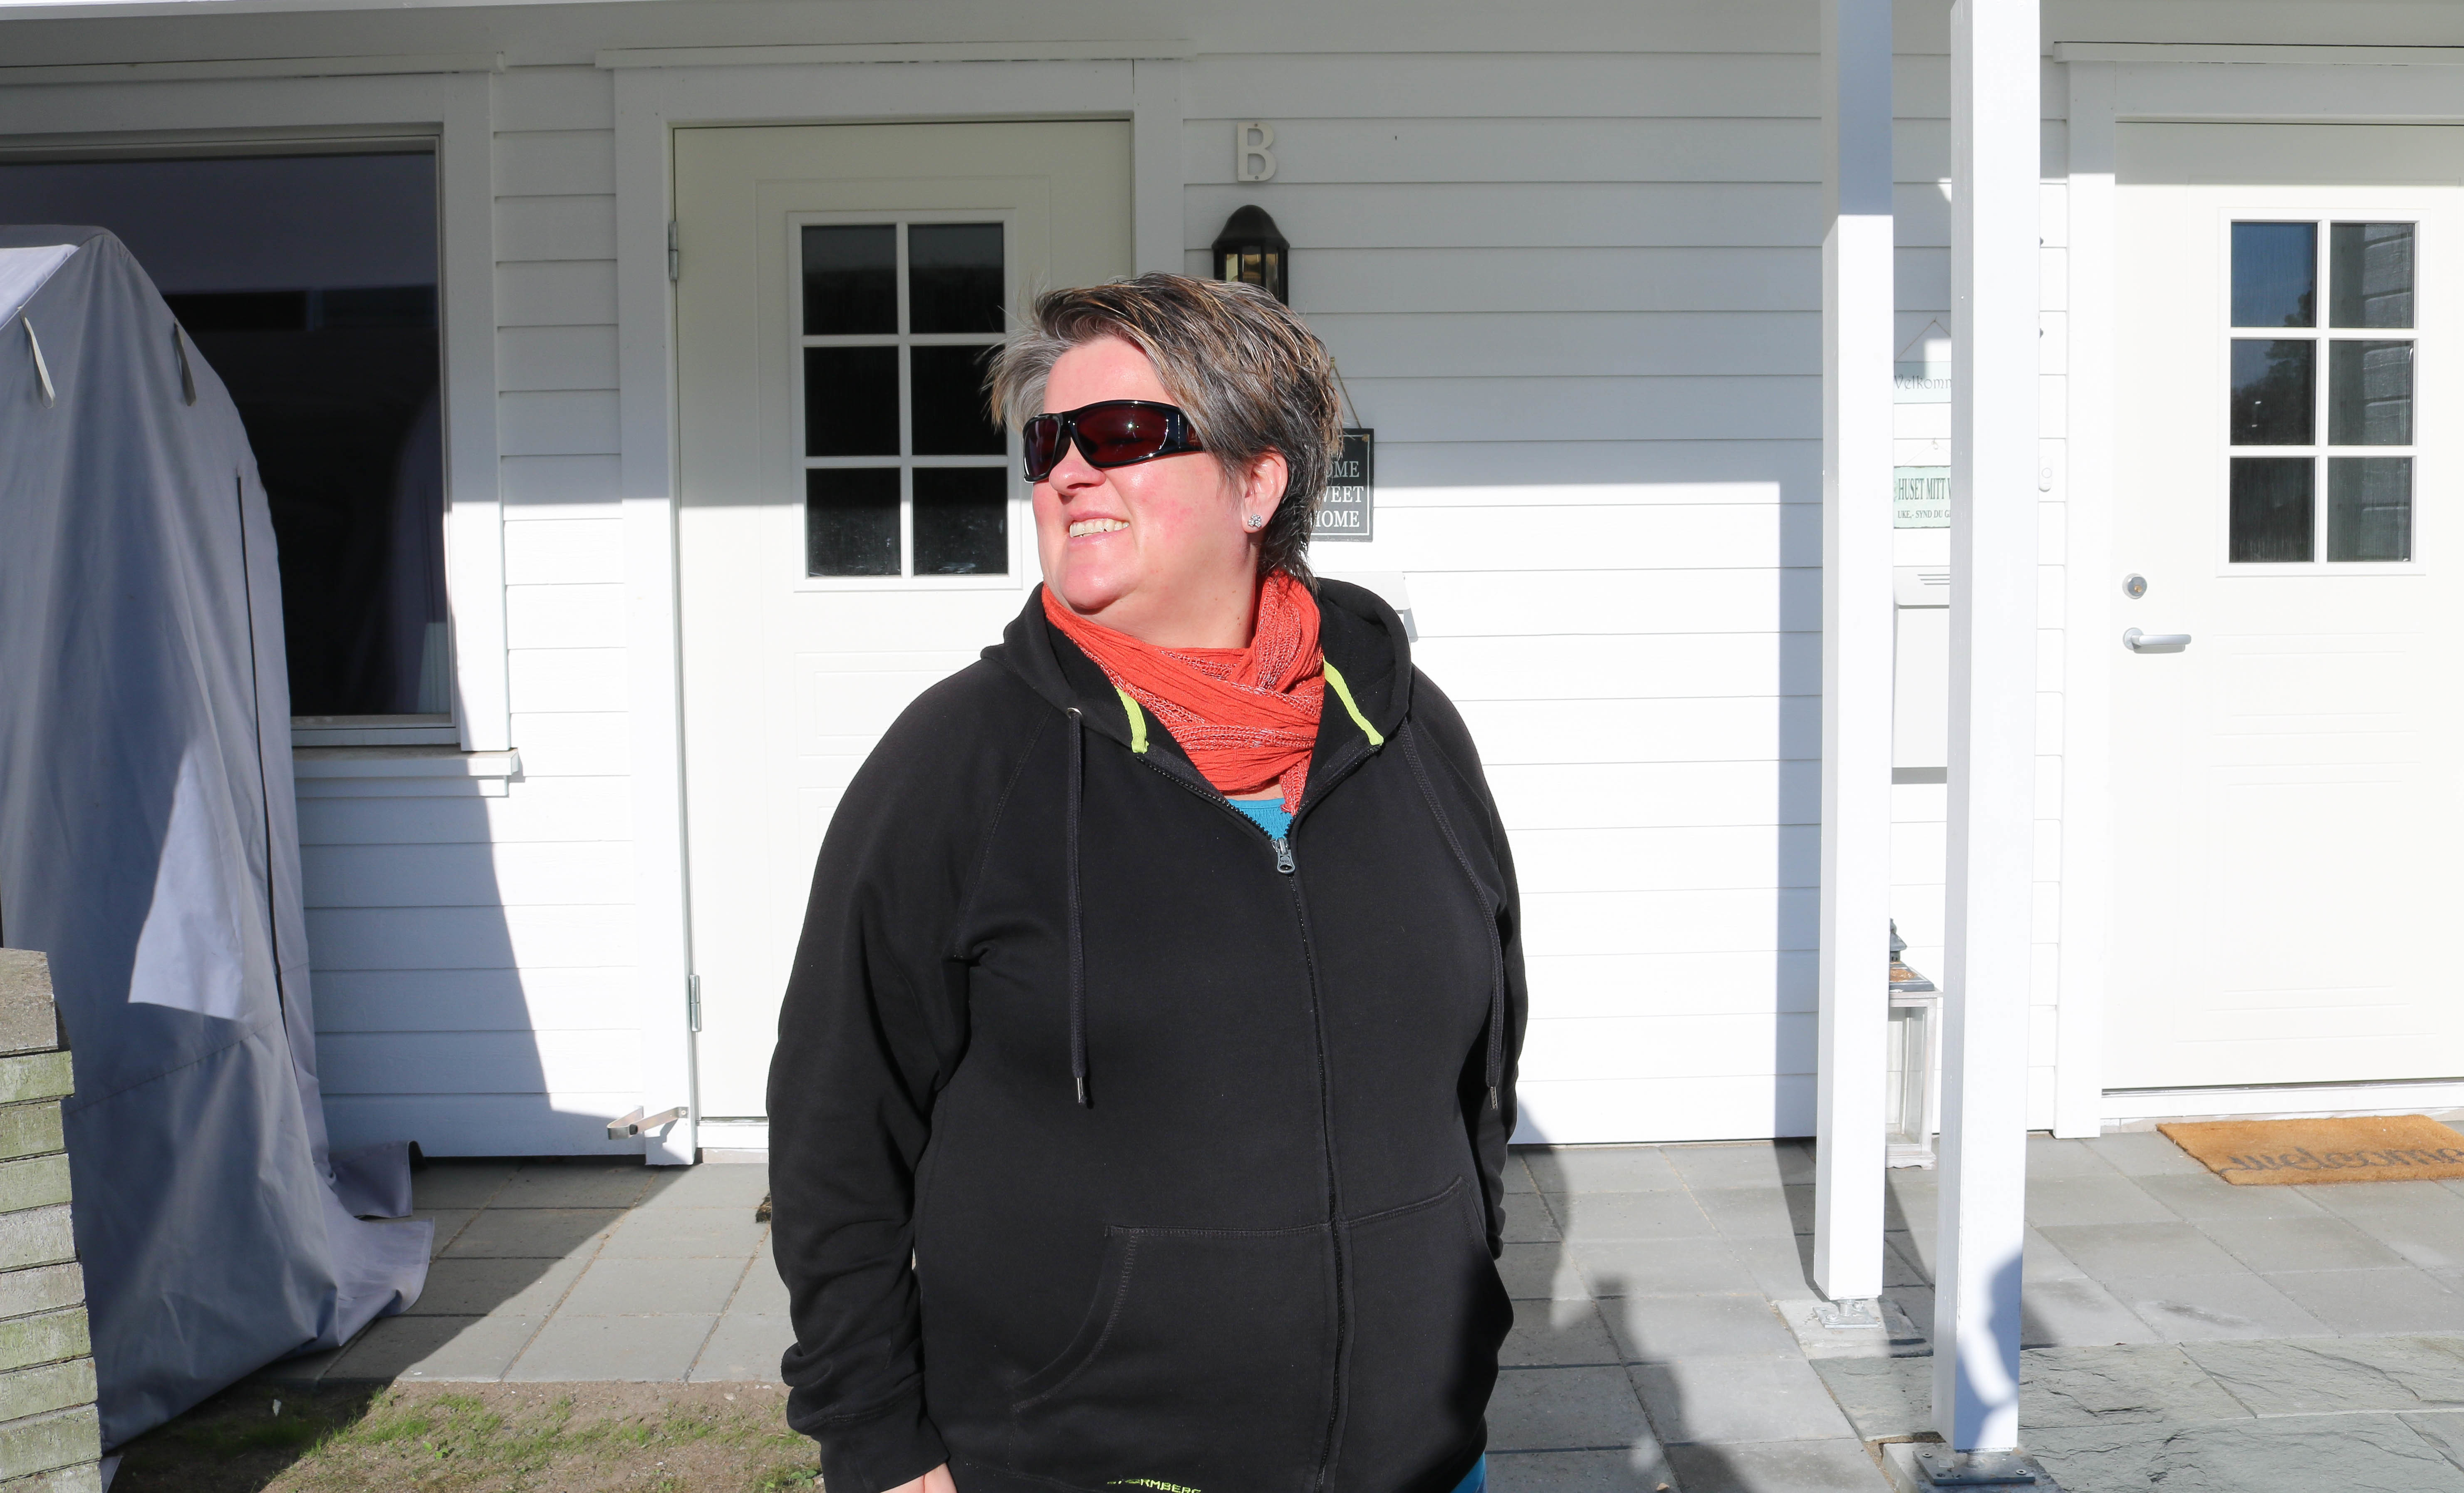 Døvblind kvinne står utenfor sitt hus og smiler. Sola skinner på henne og hun har på seg sorte solbriller. Hun har på seg svart hettegenser og i halsen et rødt sjal.